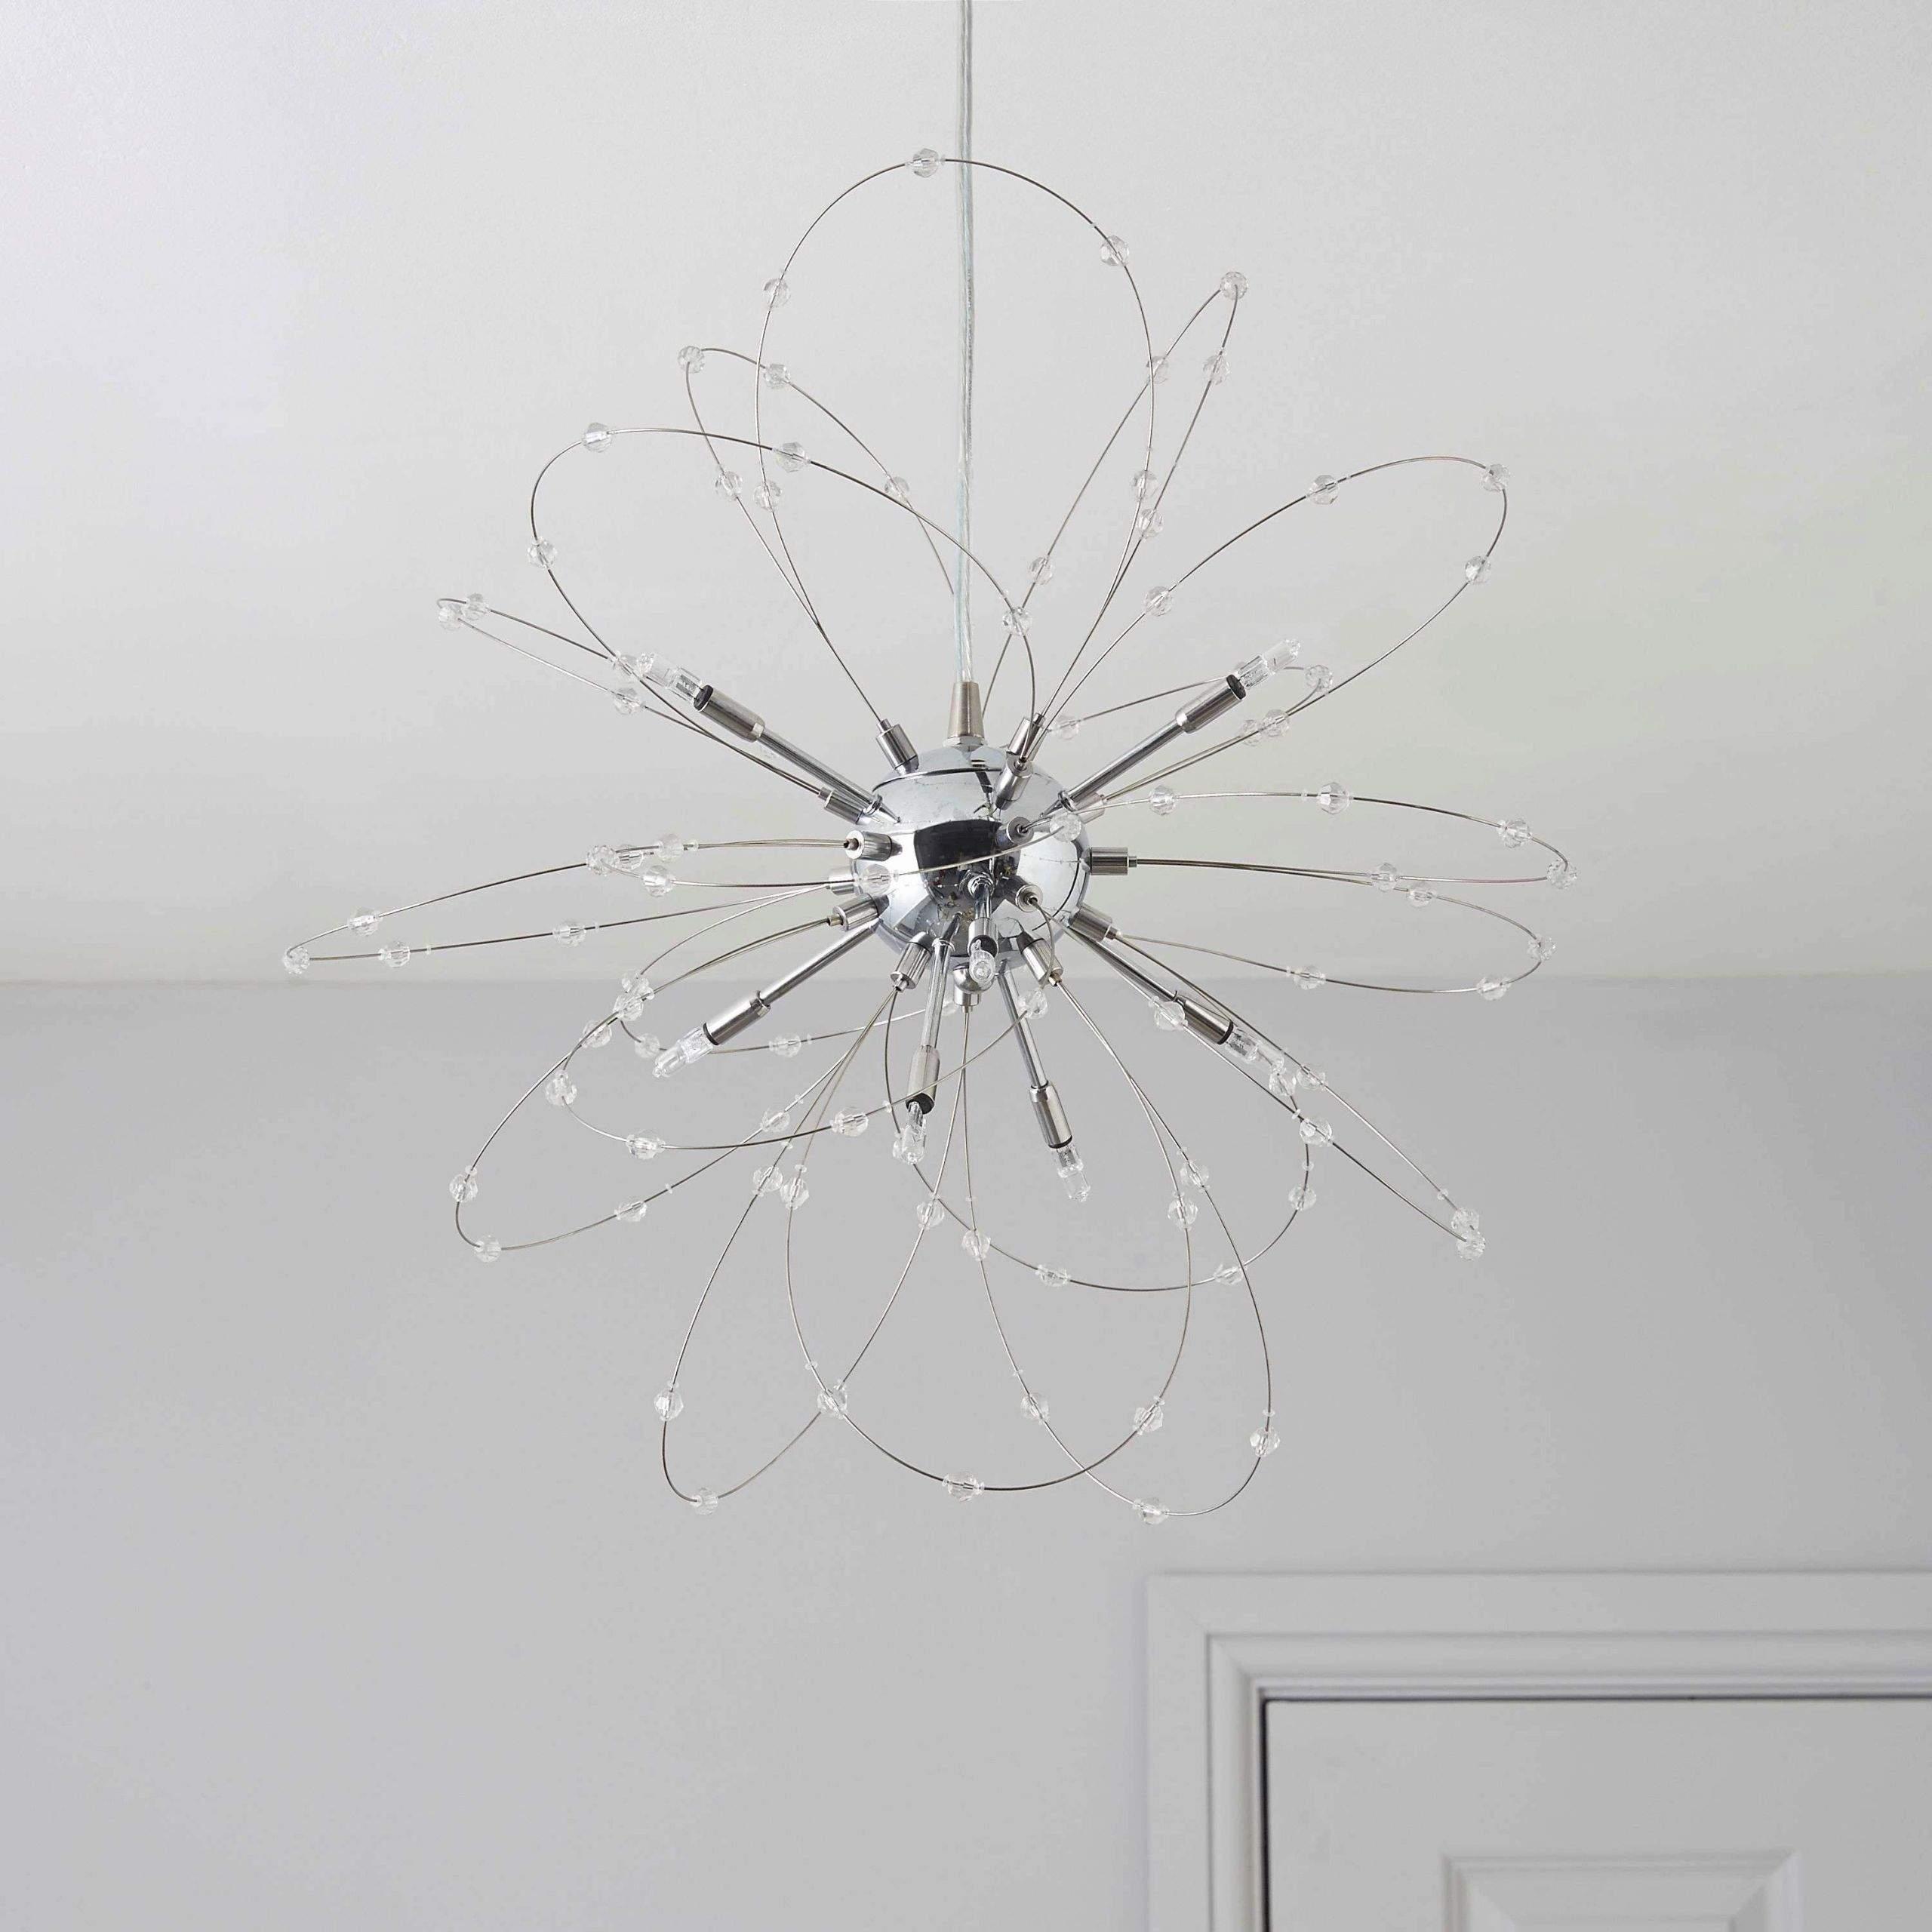 led lampen wohnzimmer das beste von wohnzimmer led lampen design tolle se jahre of led lampen wohnzimmer scaled